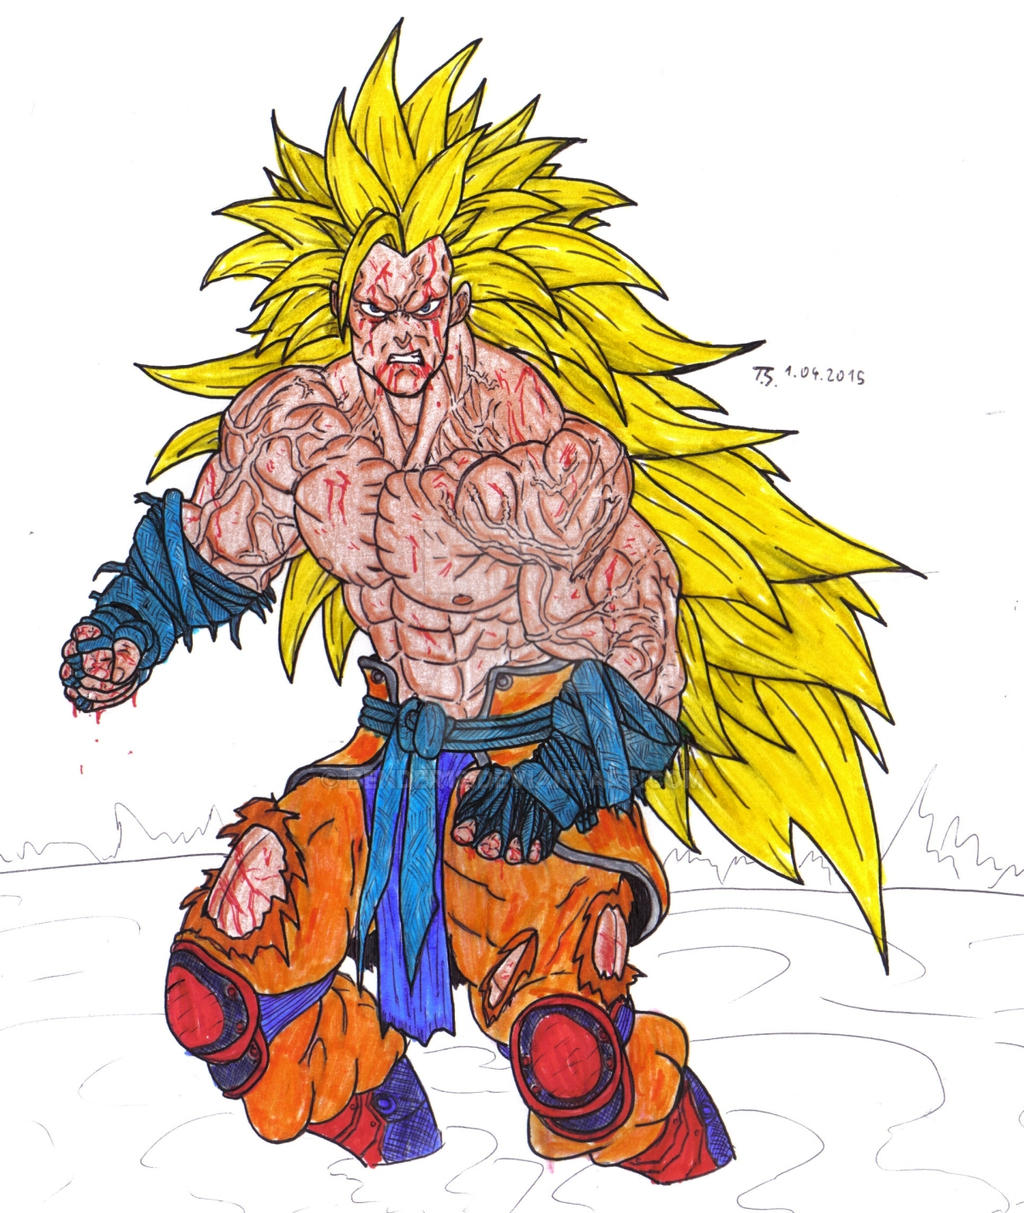 Goku Ssj 3 Color by Bender18 on DeviantArt